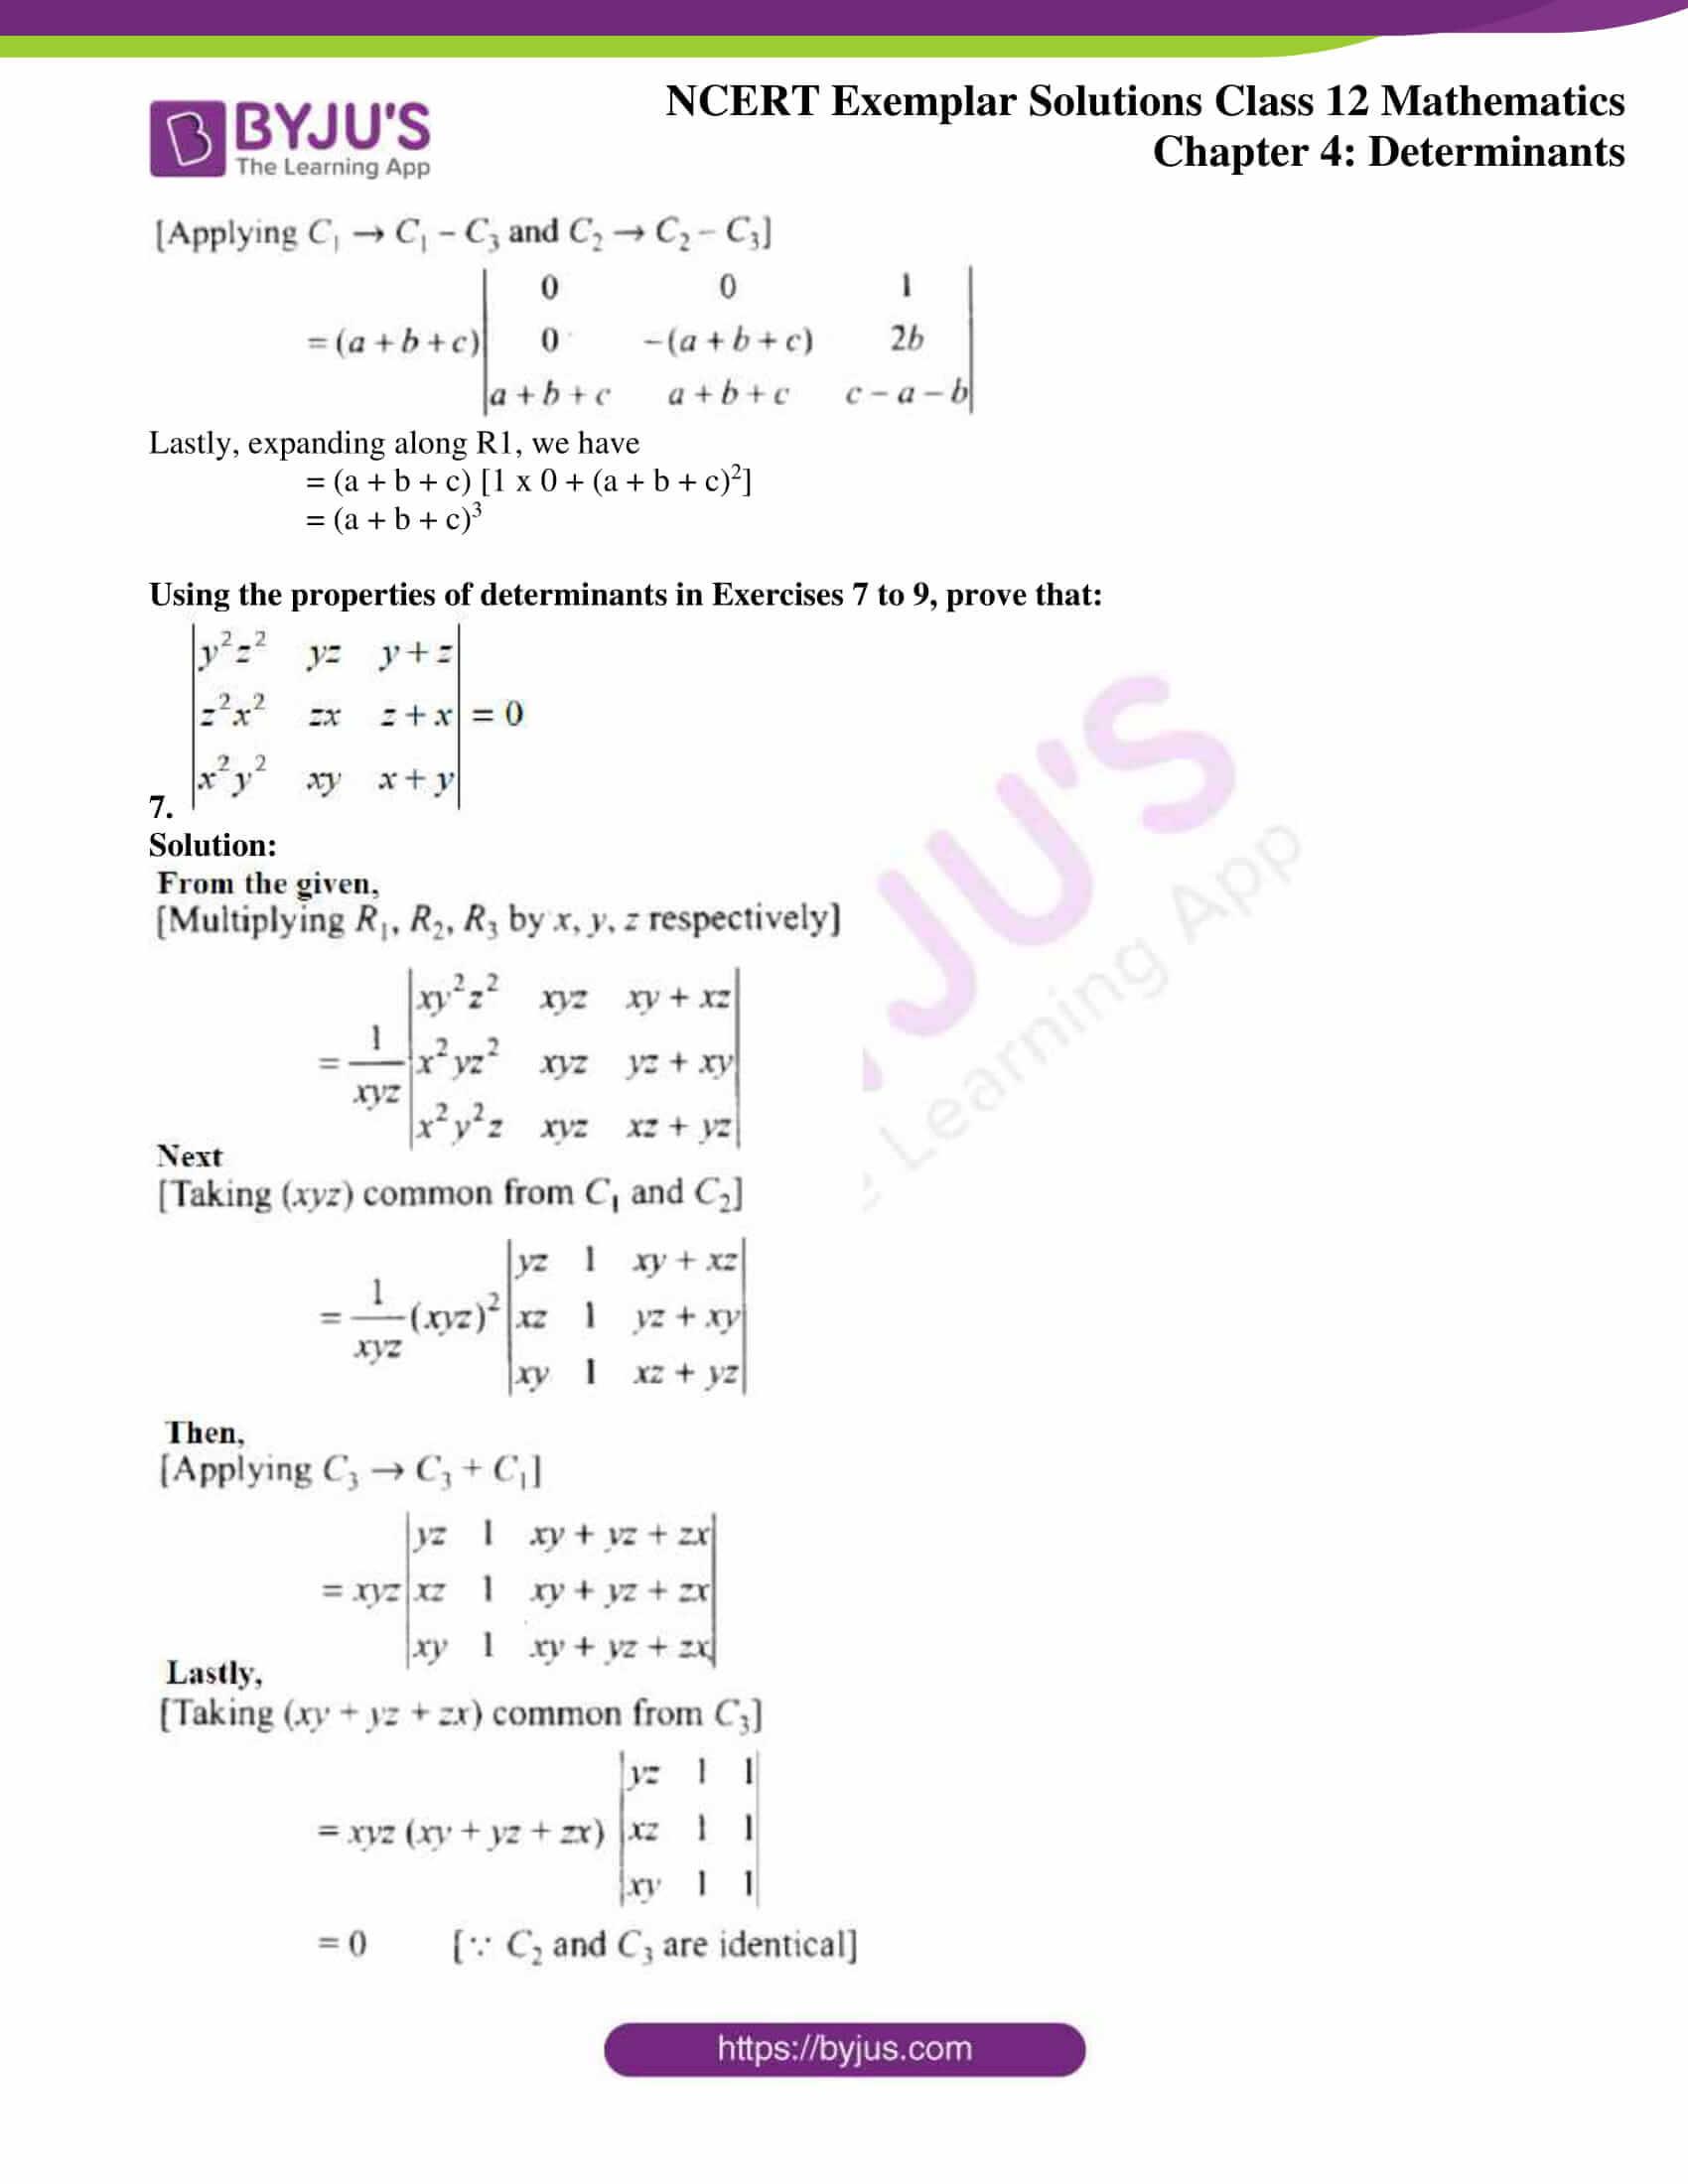 ncert exemplar sol class 12 math ch4 05